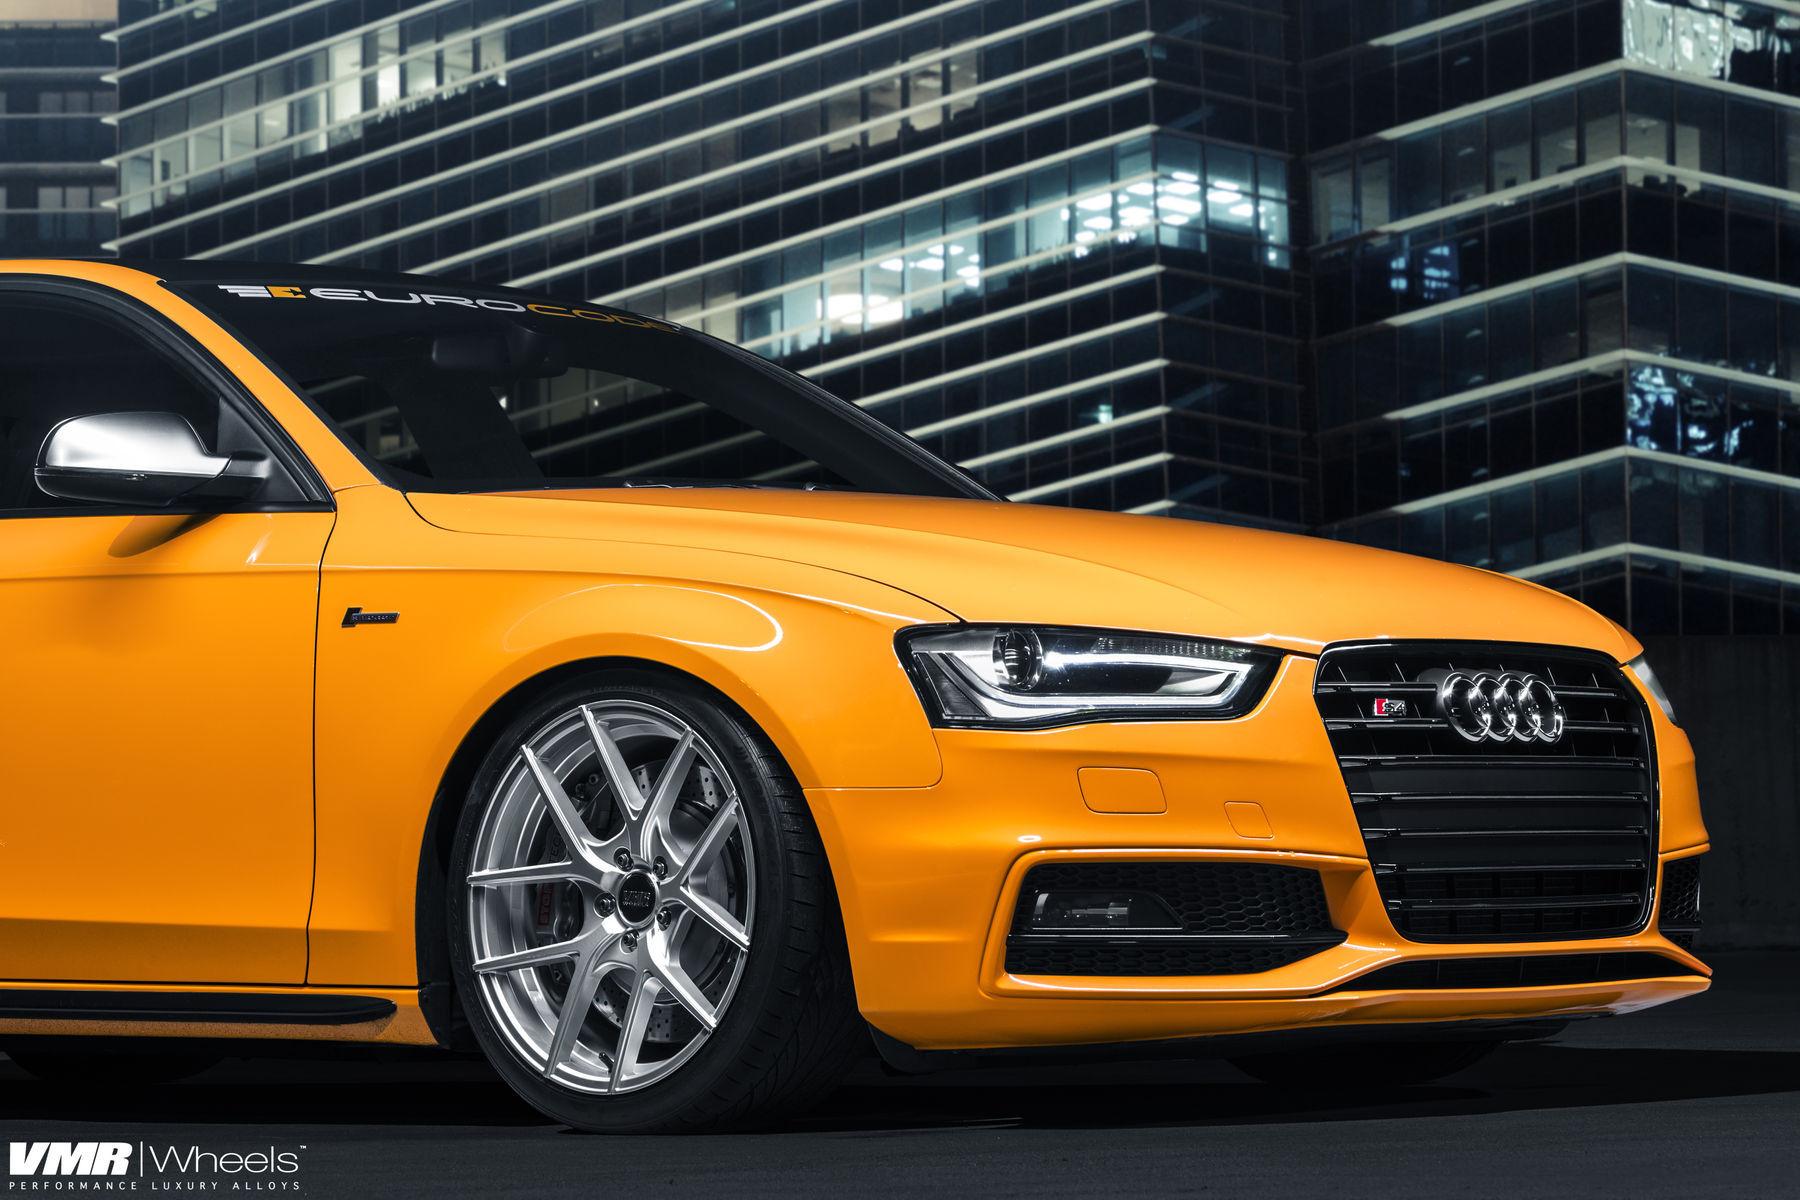 2014 Audi S4 | Audi B8.5 S4 Solar Orange | V803 19